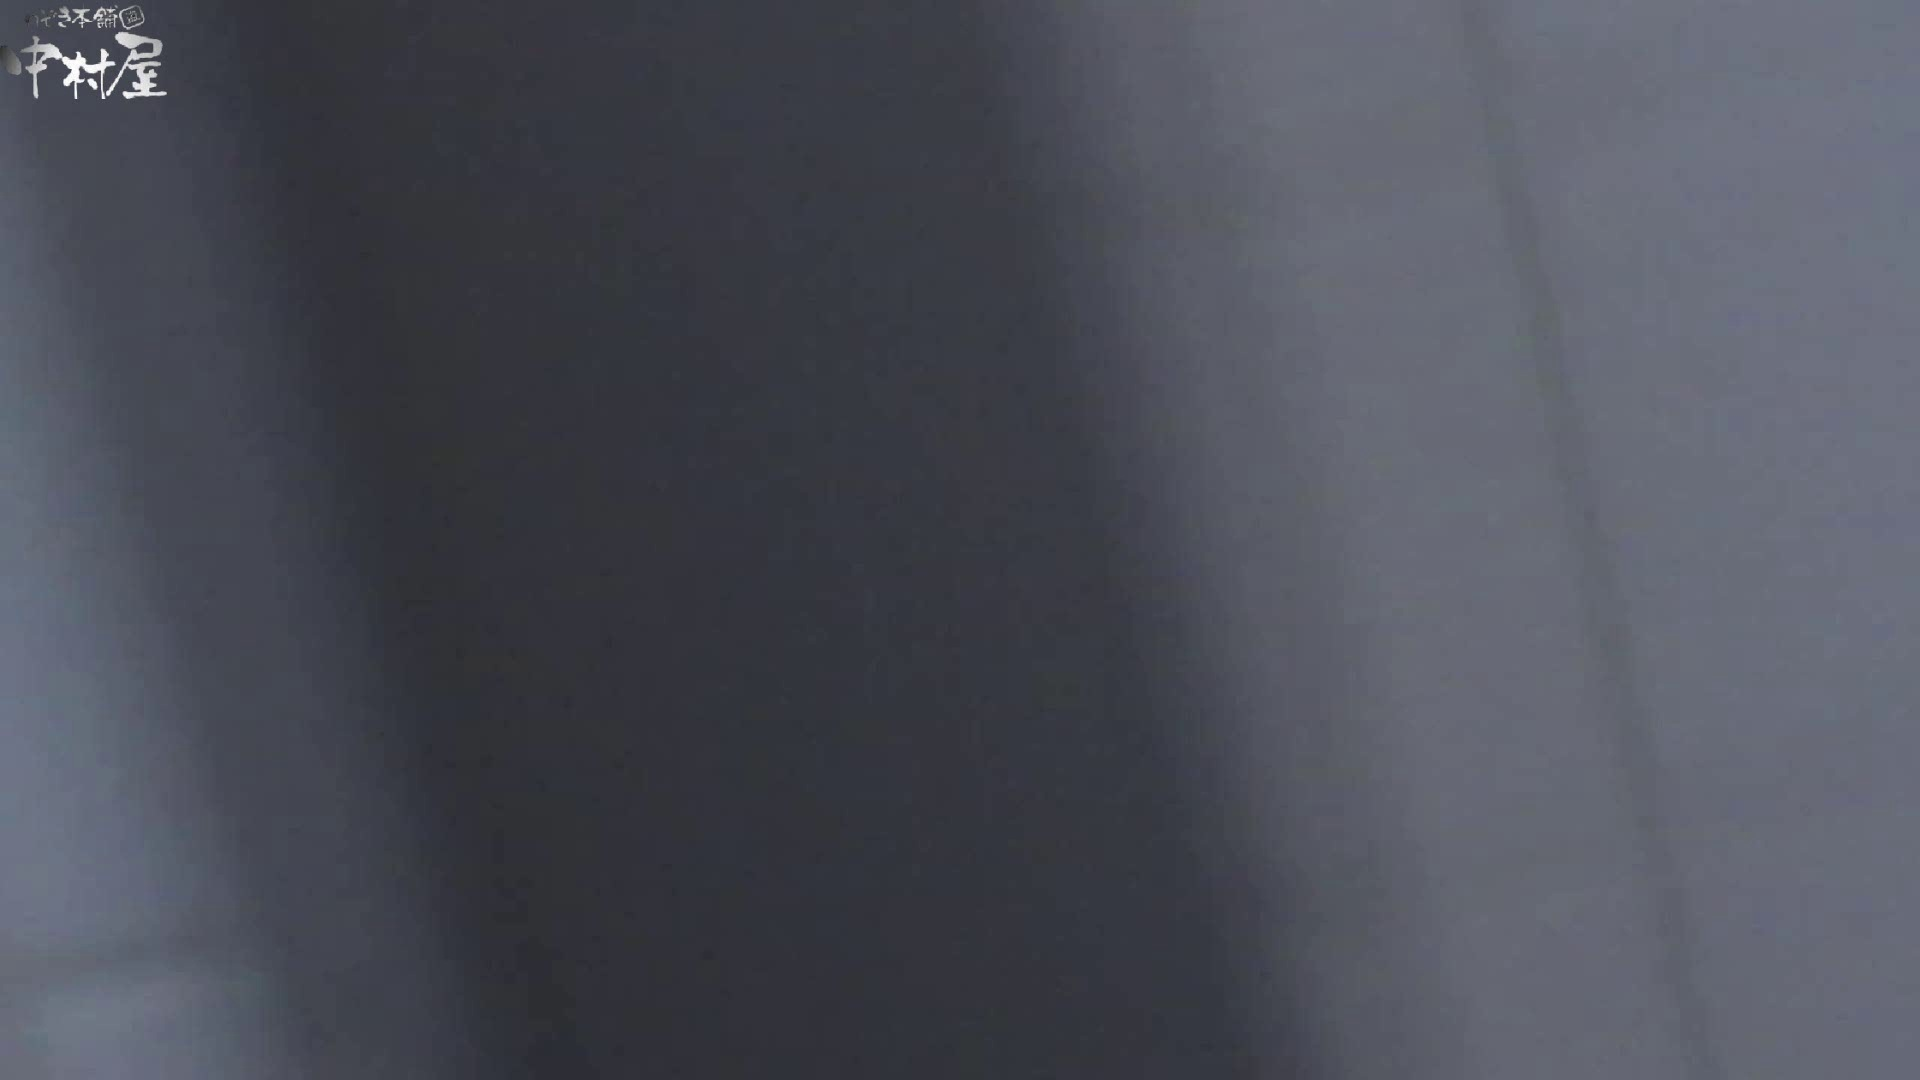 魂のかわや盗撮62連発! オシャレなブーツのお姉さん! 30発目! 盗撮シリーズ SEX無修正画像 89PIX 14